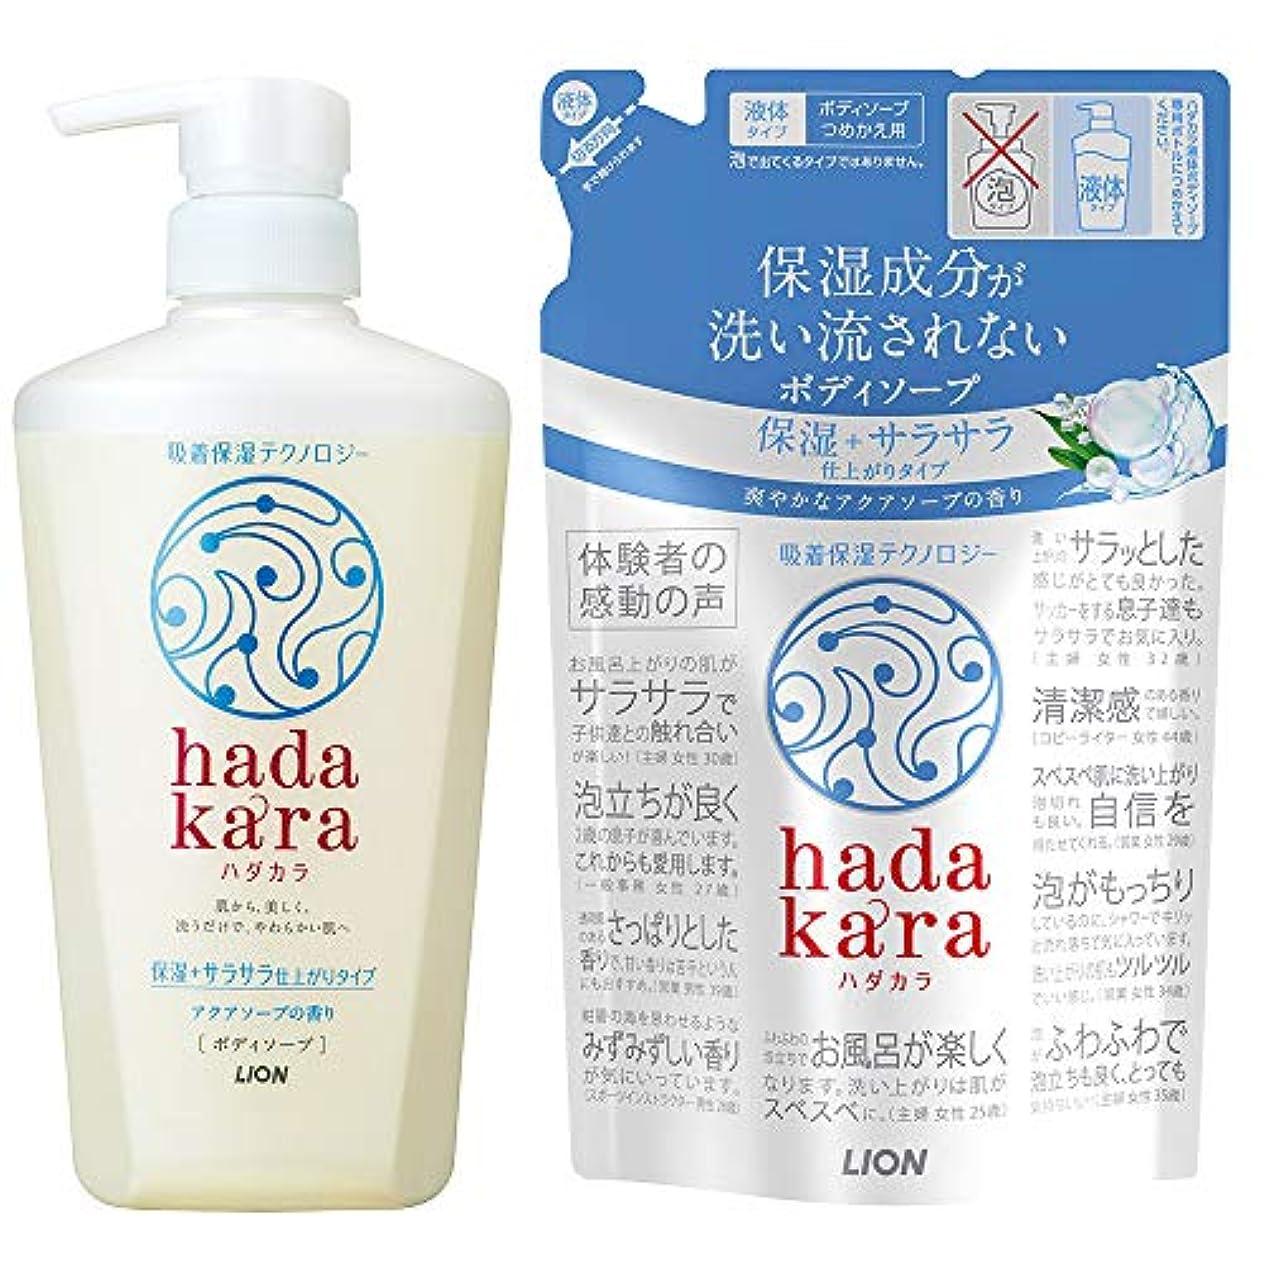 意見シプリーとても多くのhadakara(ハダカラ) ボディソープ 保湿+サラサラ仕上がりタイプ アクアソープの香り (本体480ml+つめかえ340ml) アクアソープ(保湿+サラサラ仕上がり) +